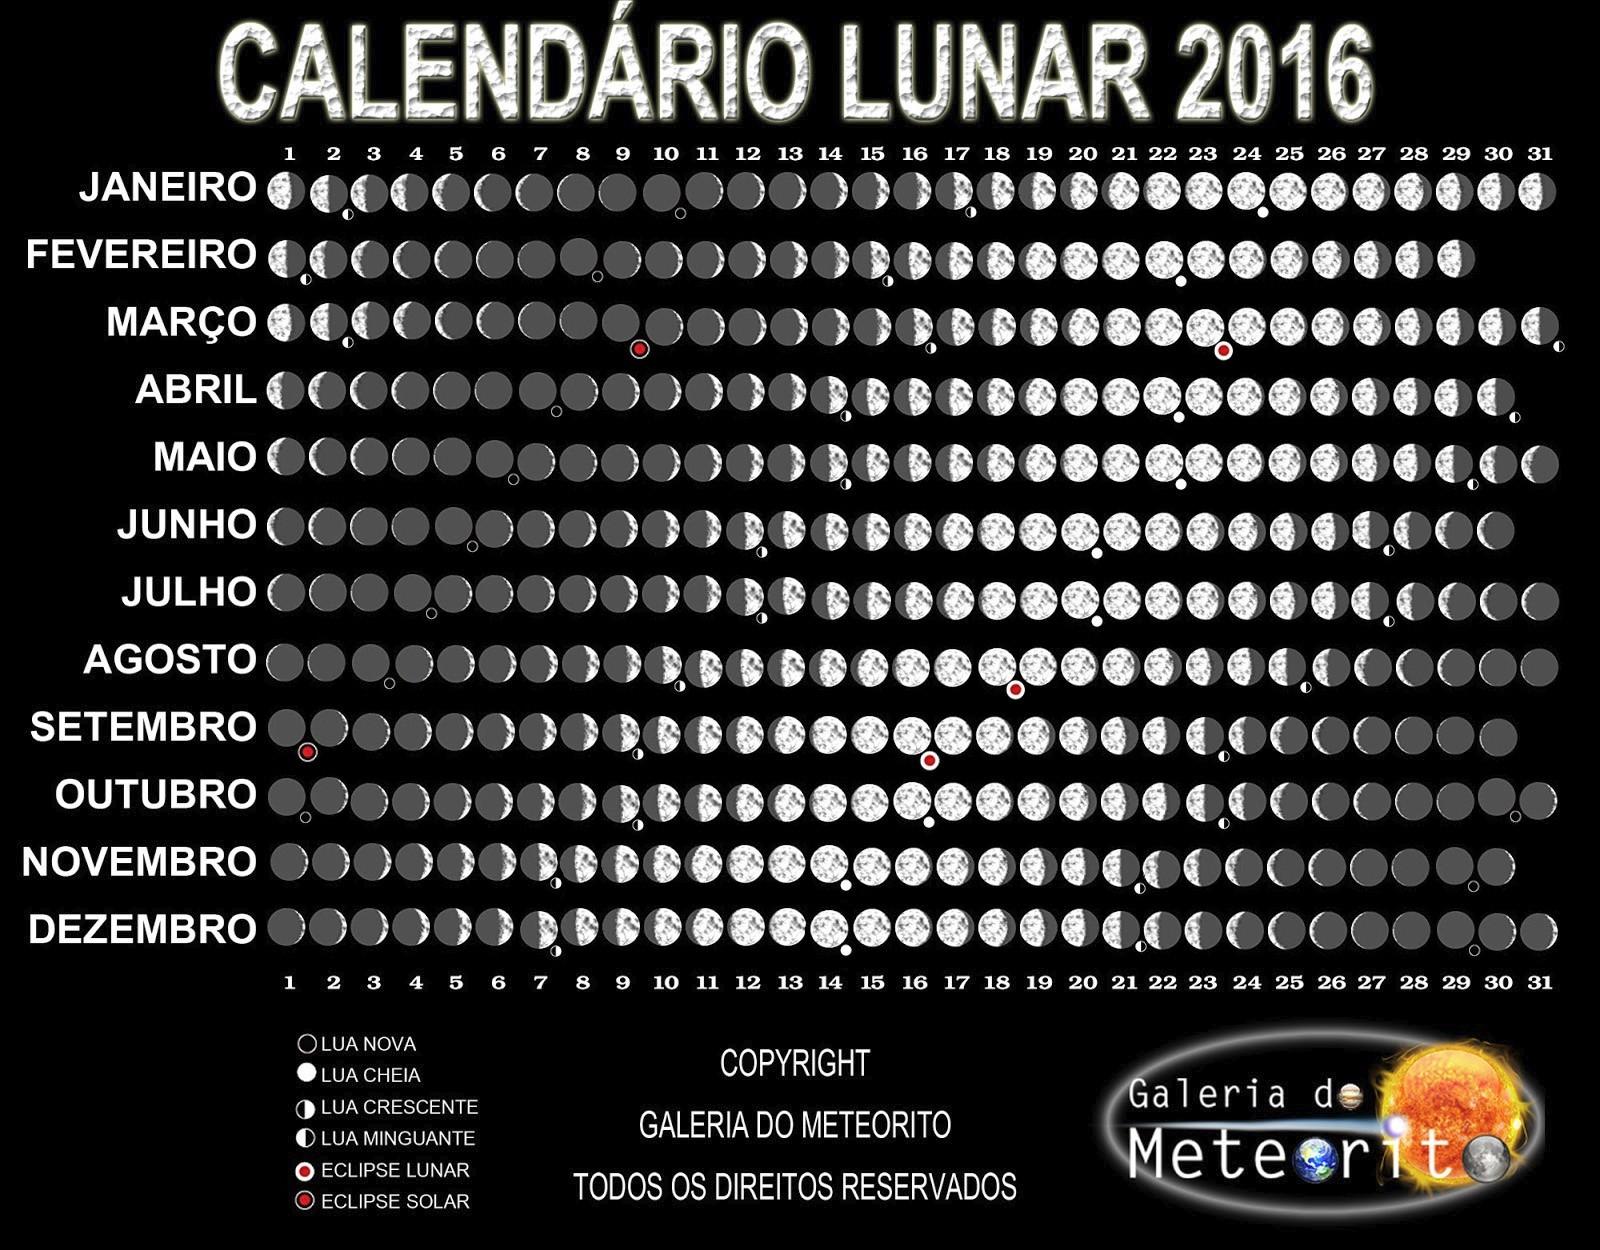 Calendario Lunar Para Imprimir 2017 Recientes Calendario Lunar 2016 Colombia Calendario Colombia 2016 Calendar Of Calendario Lunar Para Imprimir 2017 Más Arriba-a-fecha Calendario De Octubre 2018 Para Imprimir Kordurorddiner